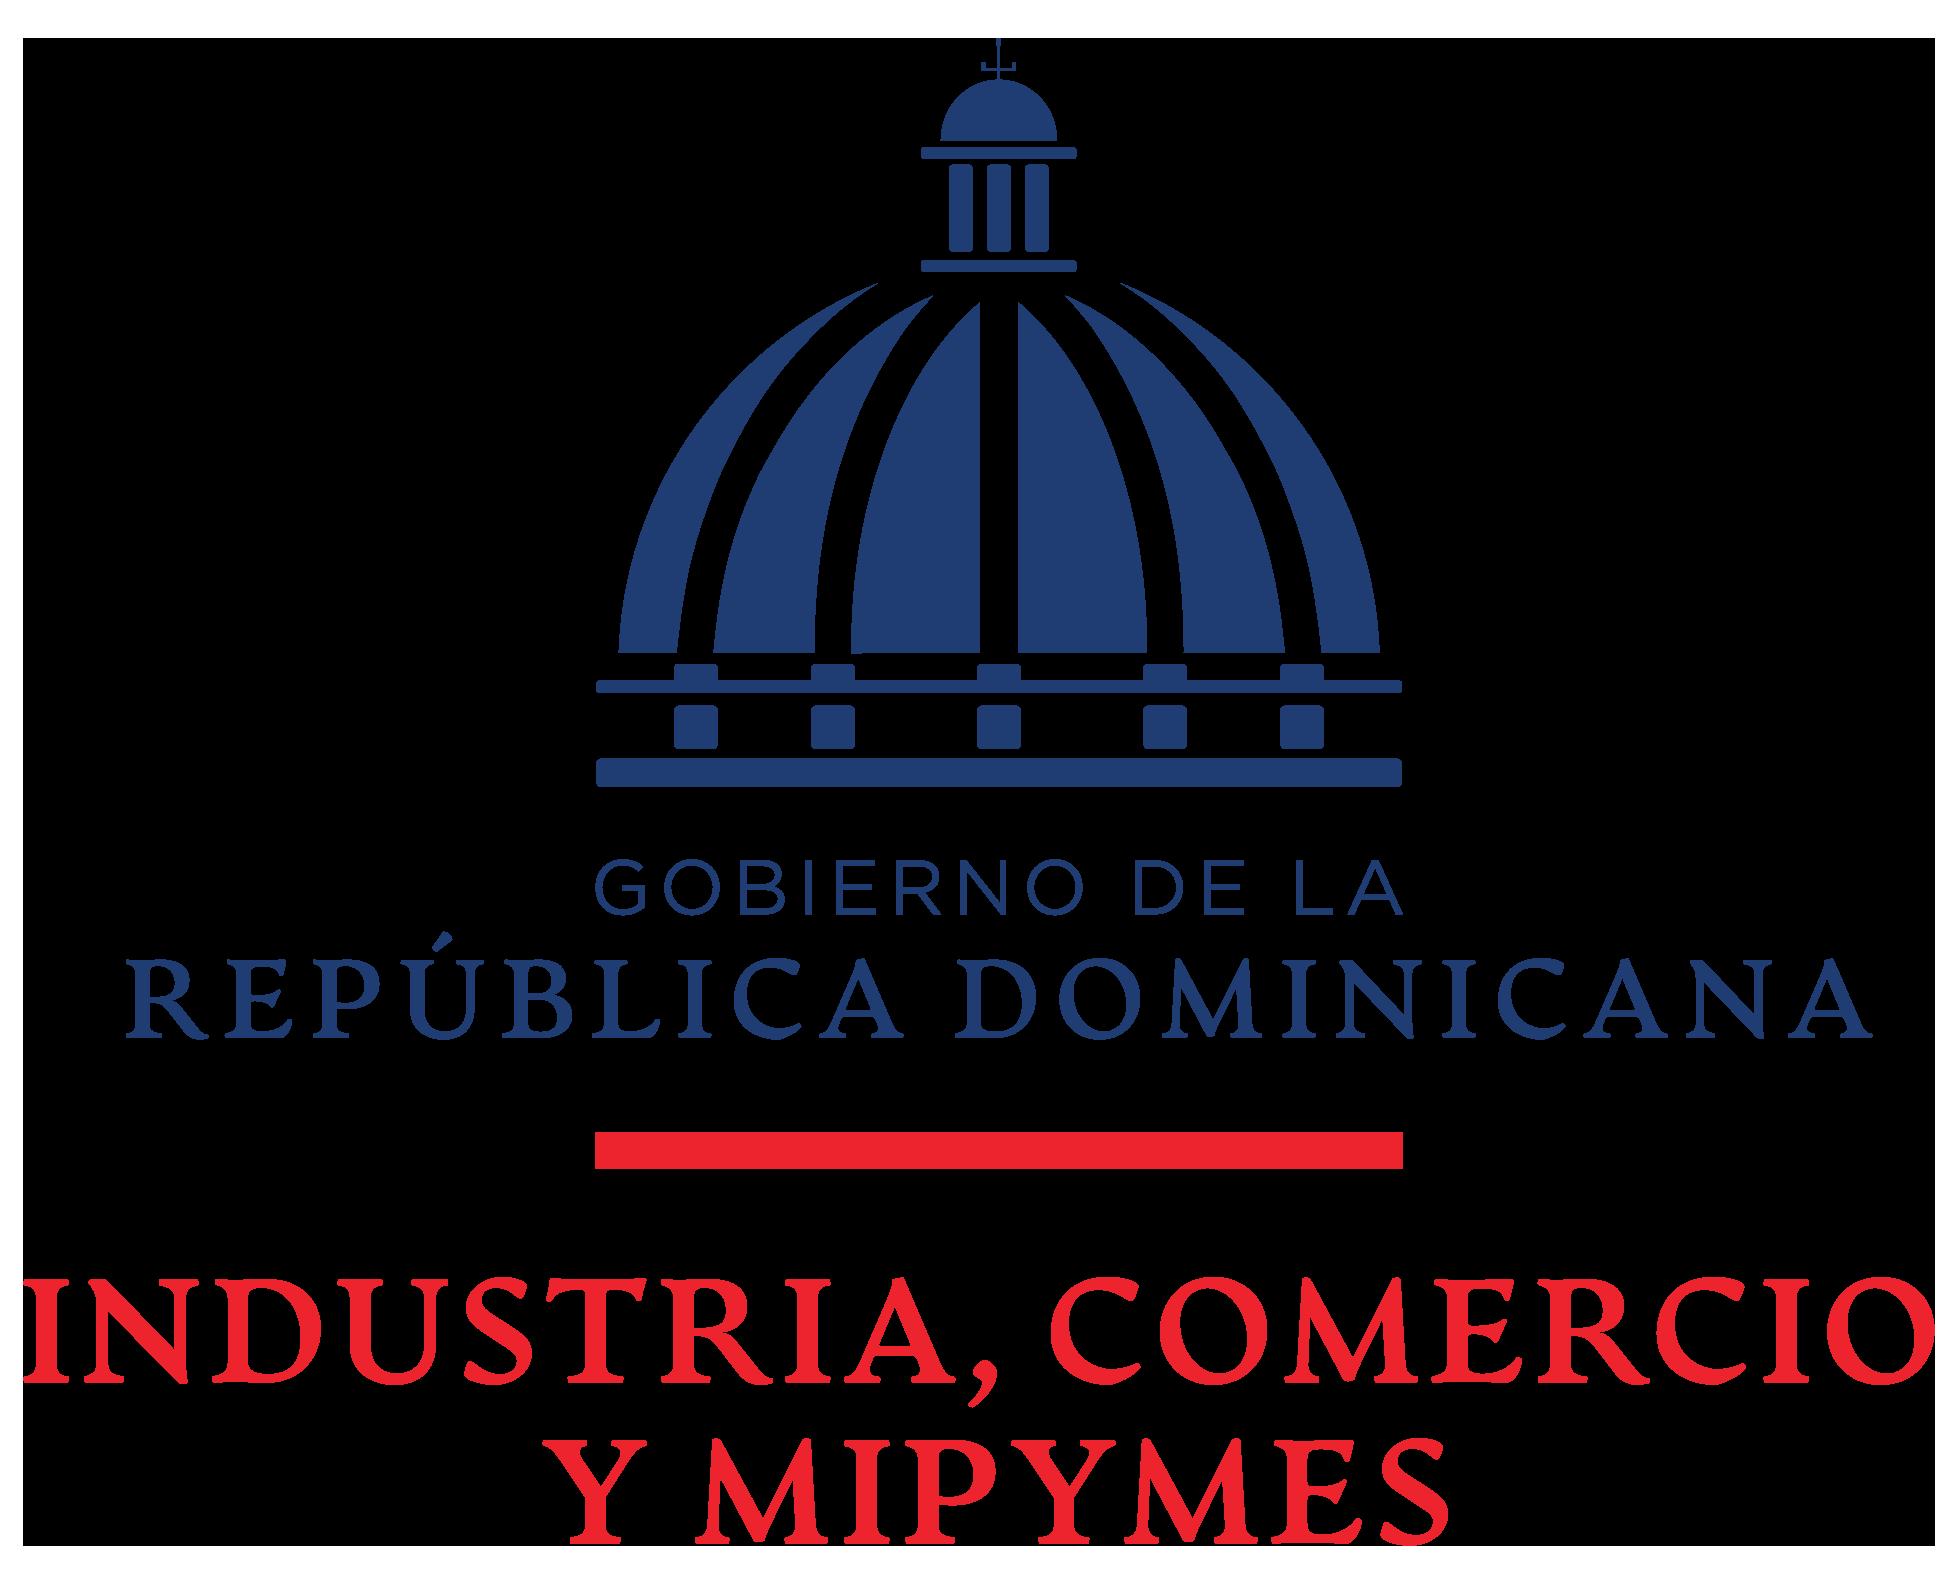 Aula Emprendedora, Ministerio de Industria, Comercio y Mipymes